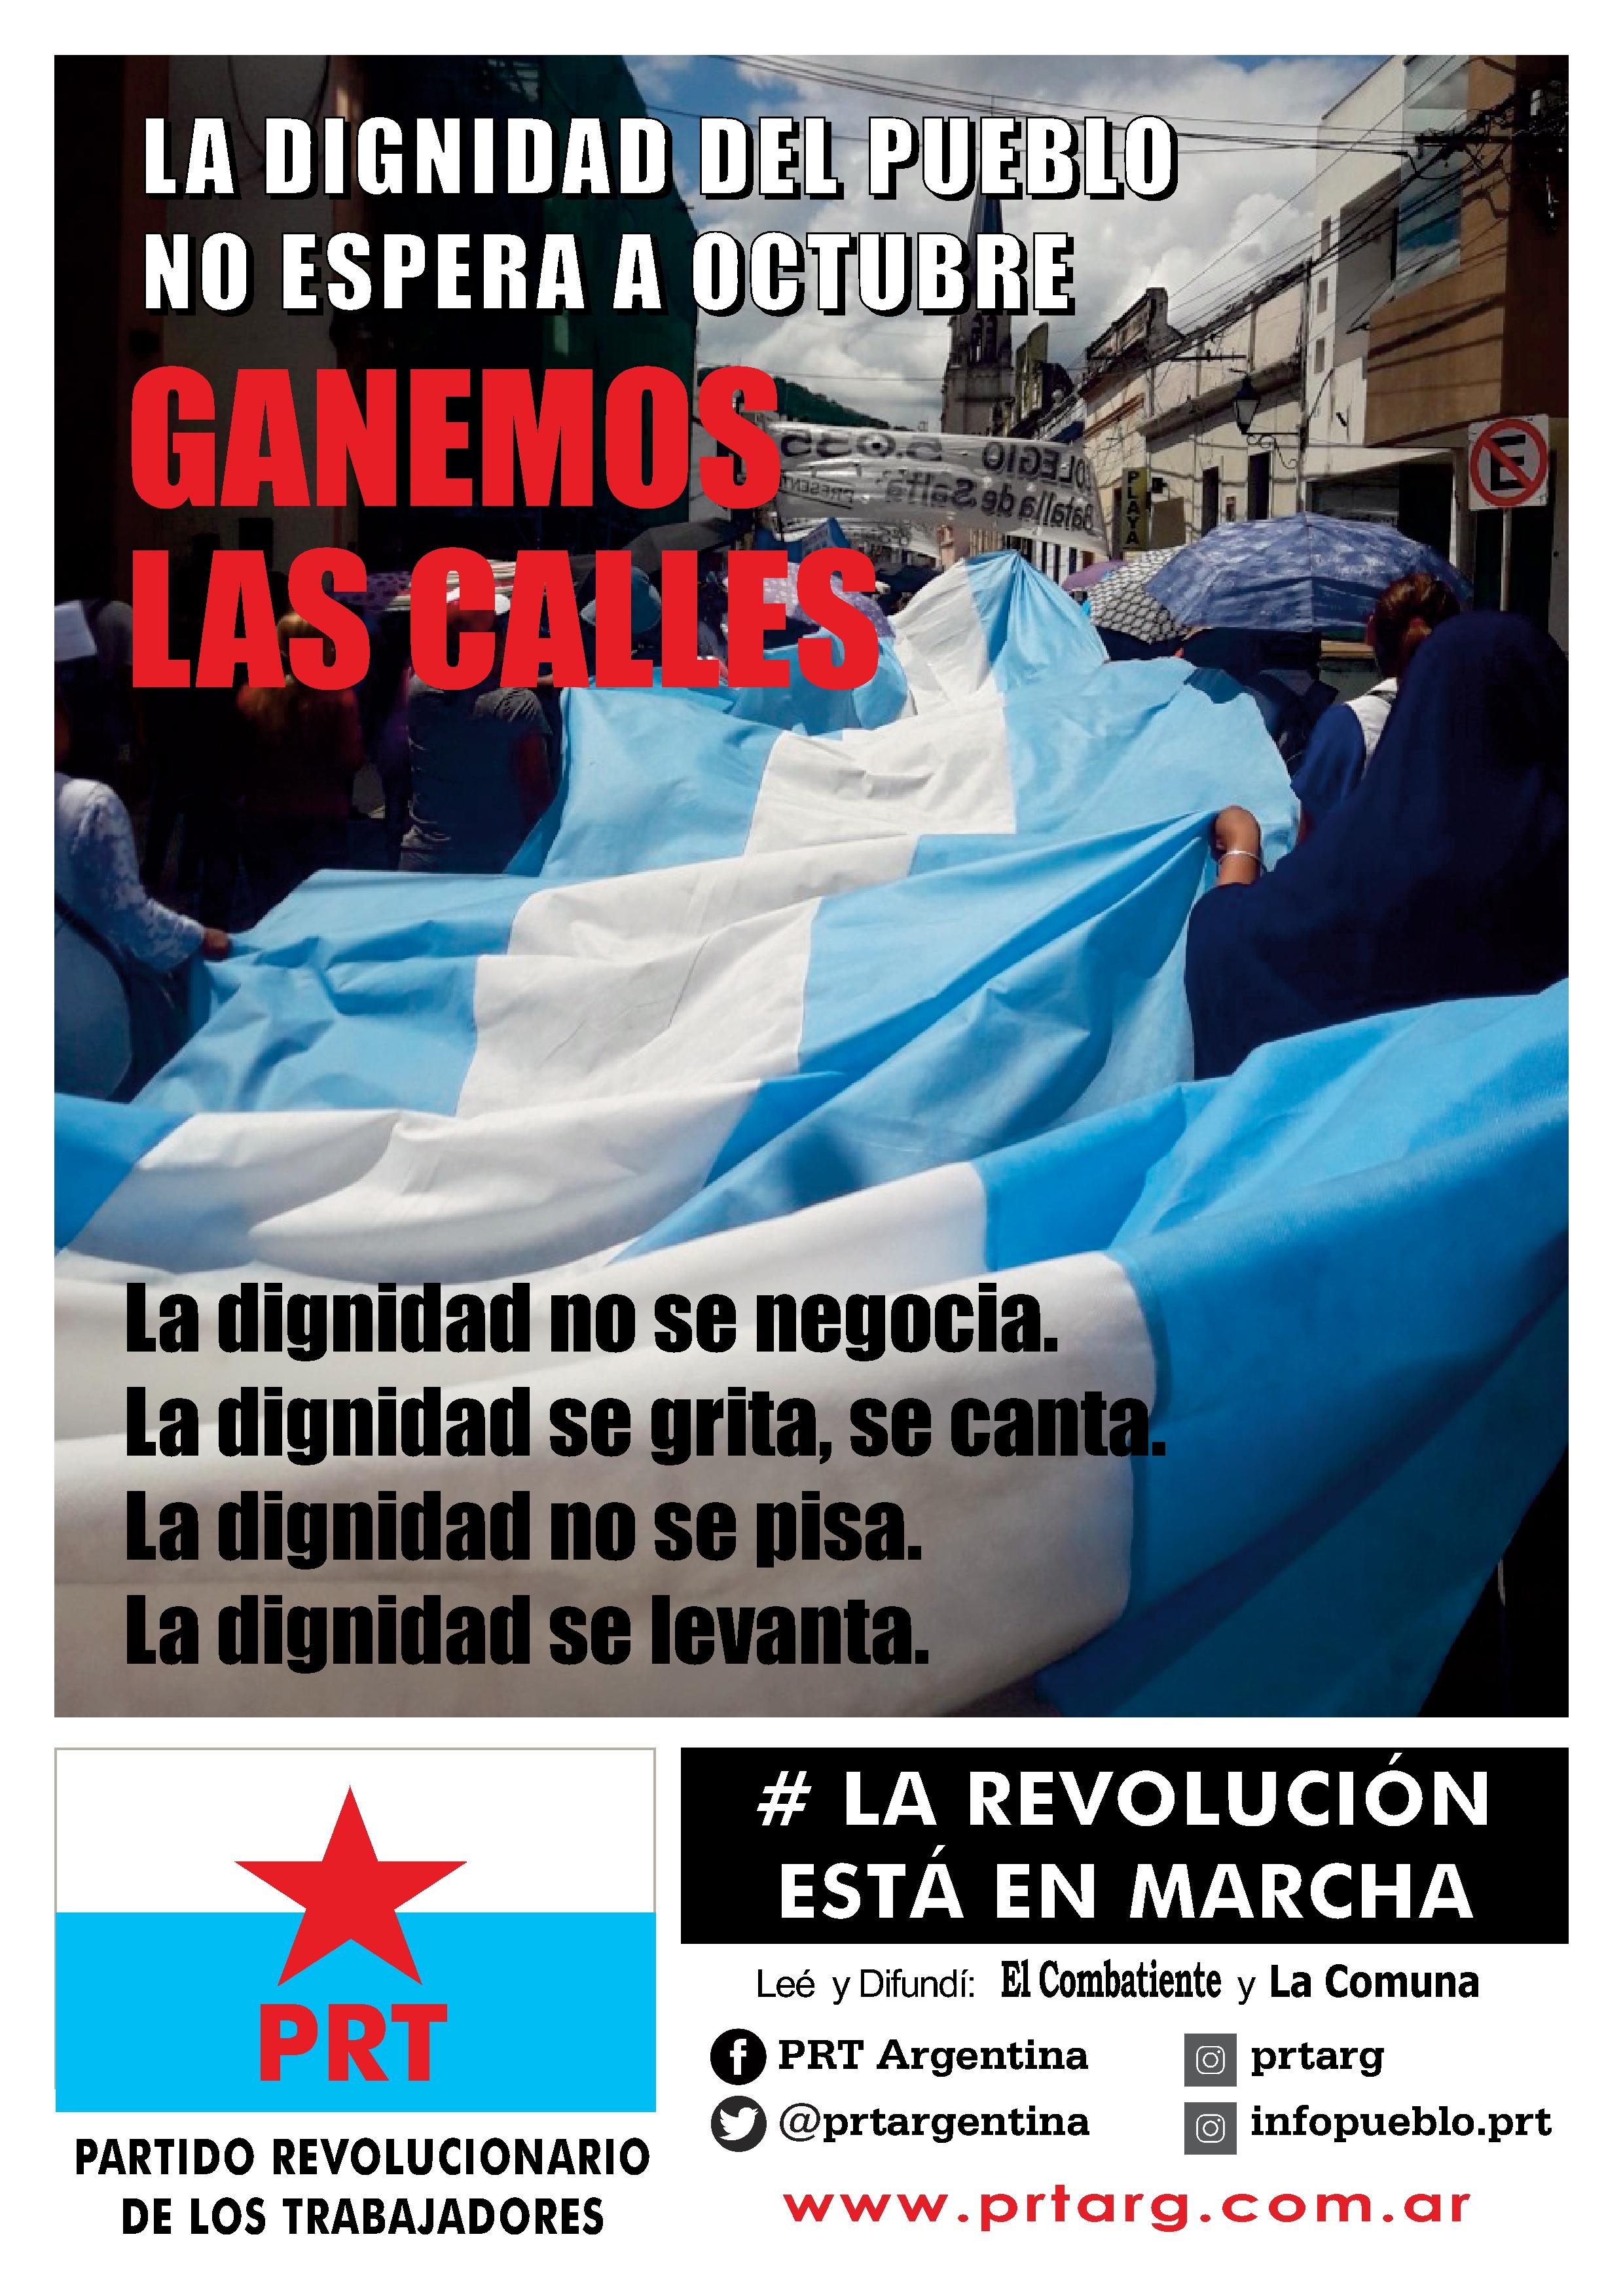 La dignidad del pueblo no espera a octubre: GANEMOS LAS CALLES